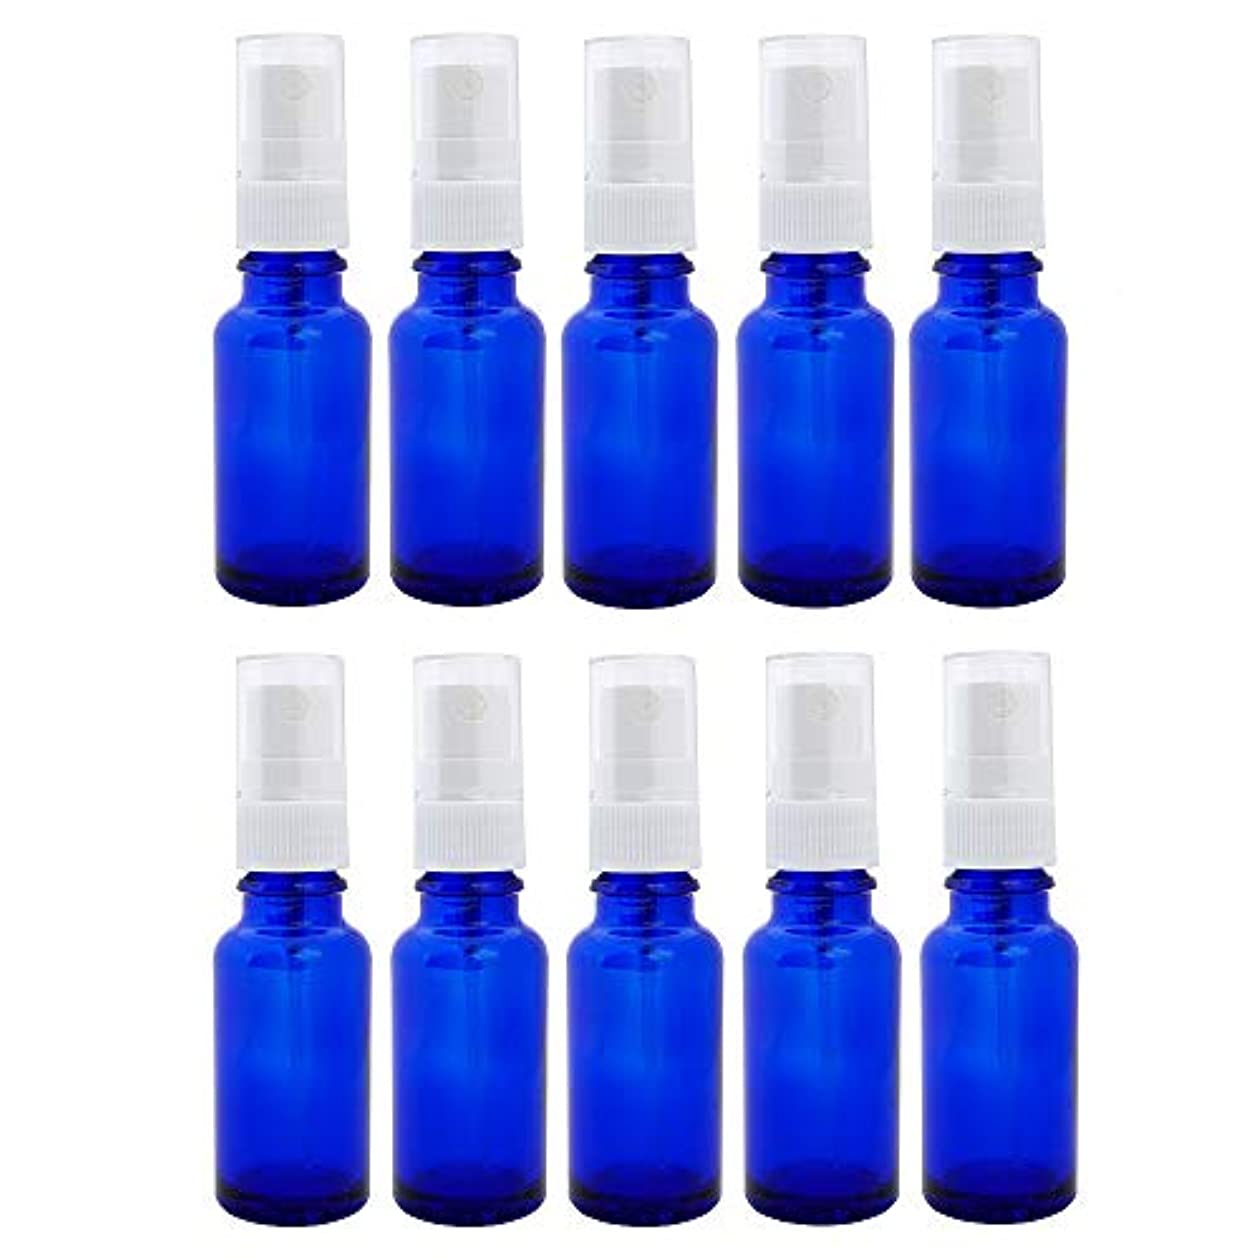 病的宿命バイオレットスプレー遮光ビン 20ml 瓶 10本セット ブルー(スプレーノズル キャップ付)